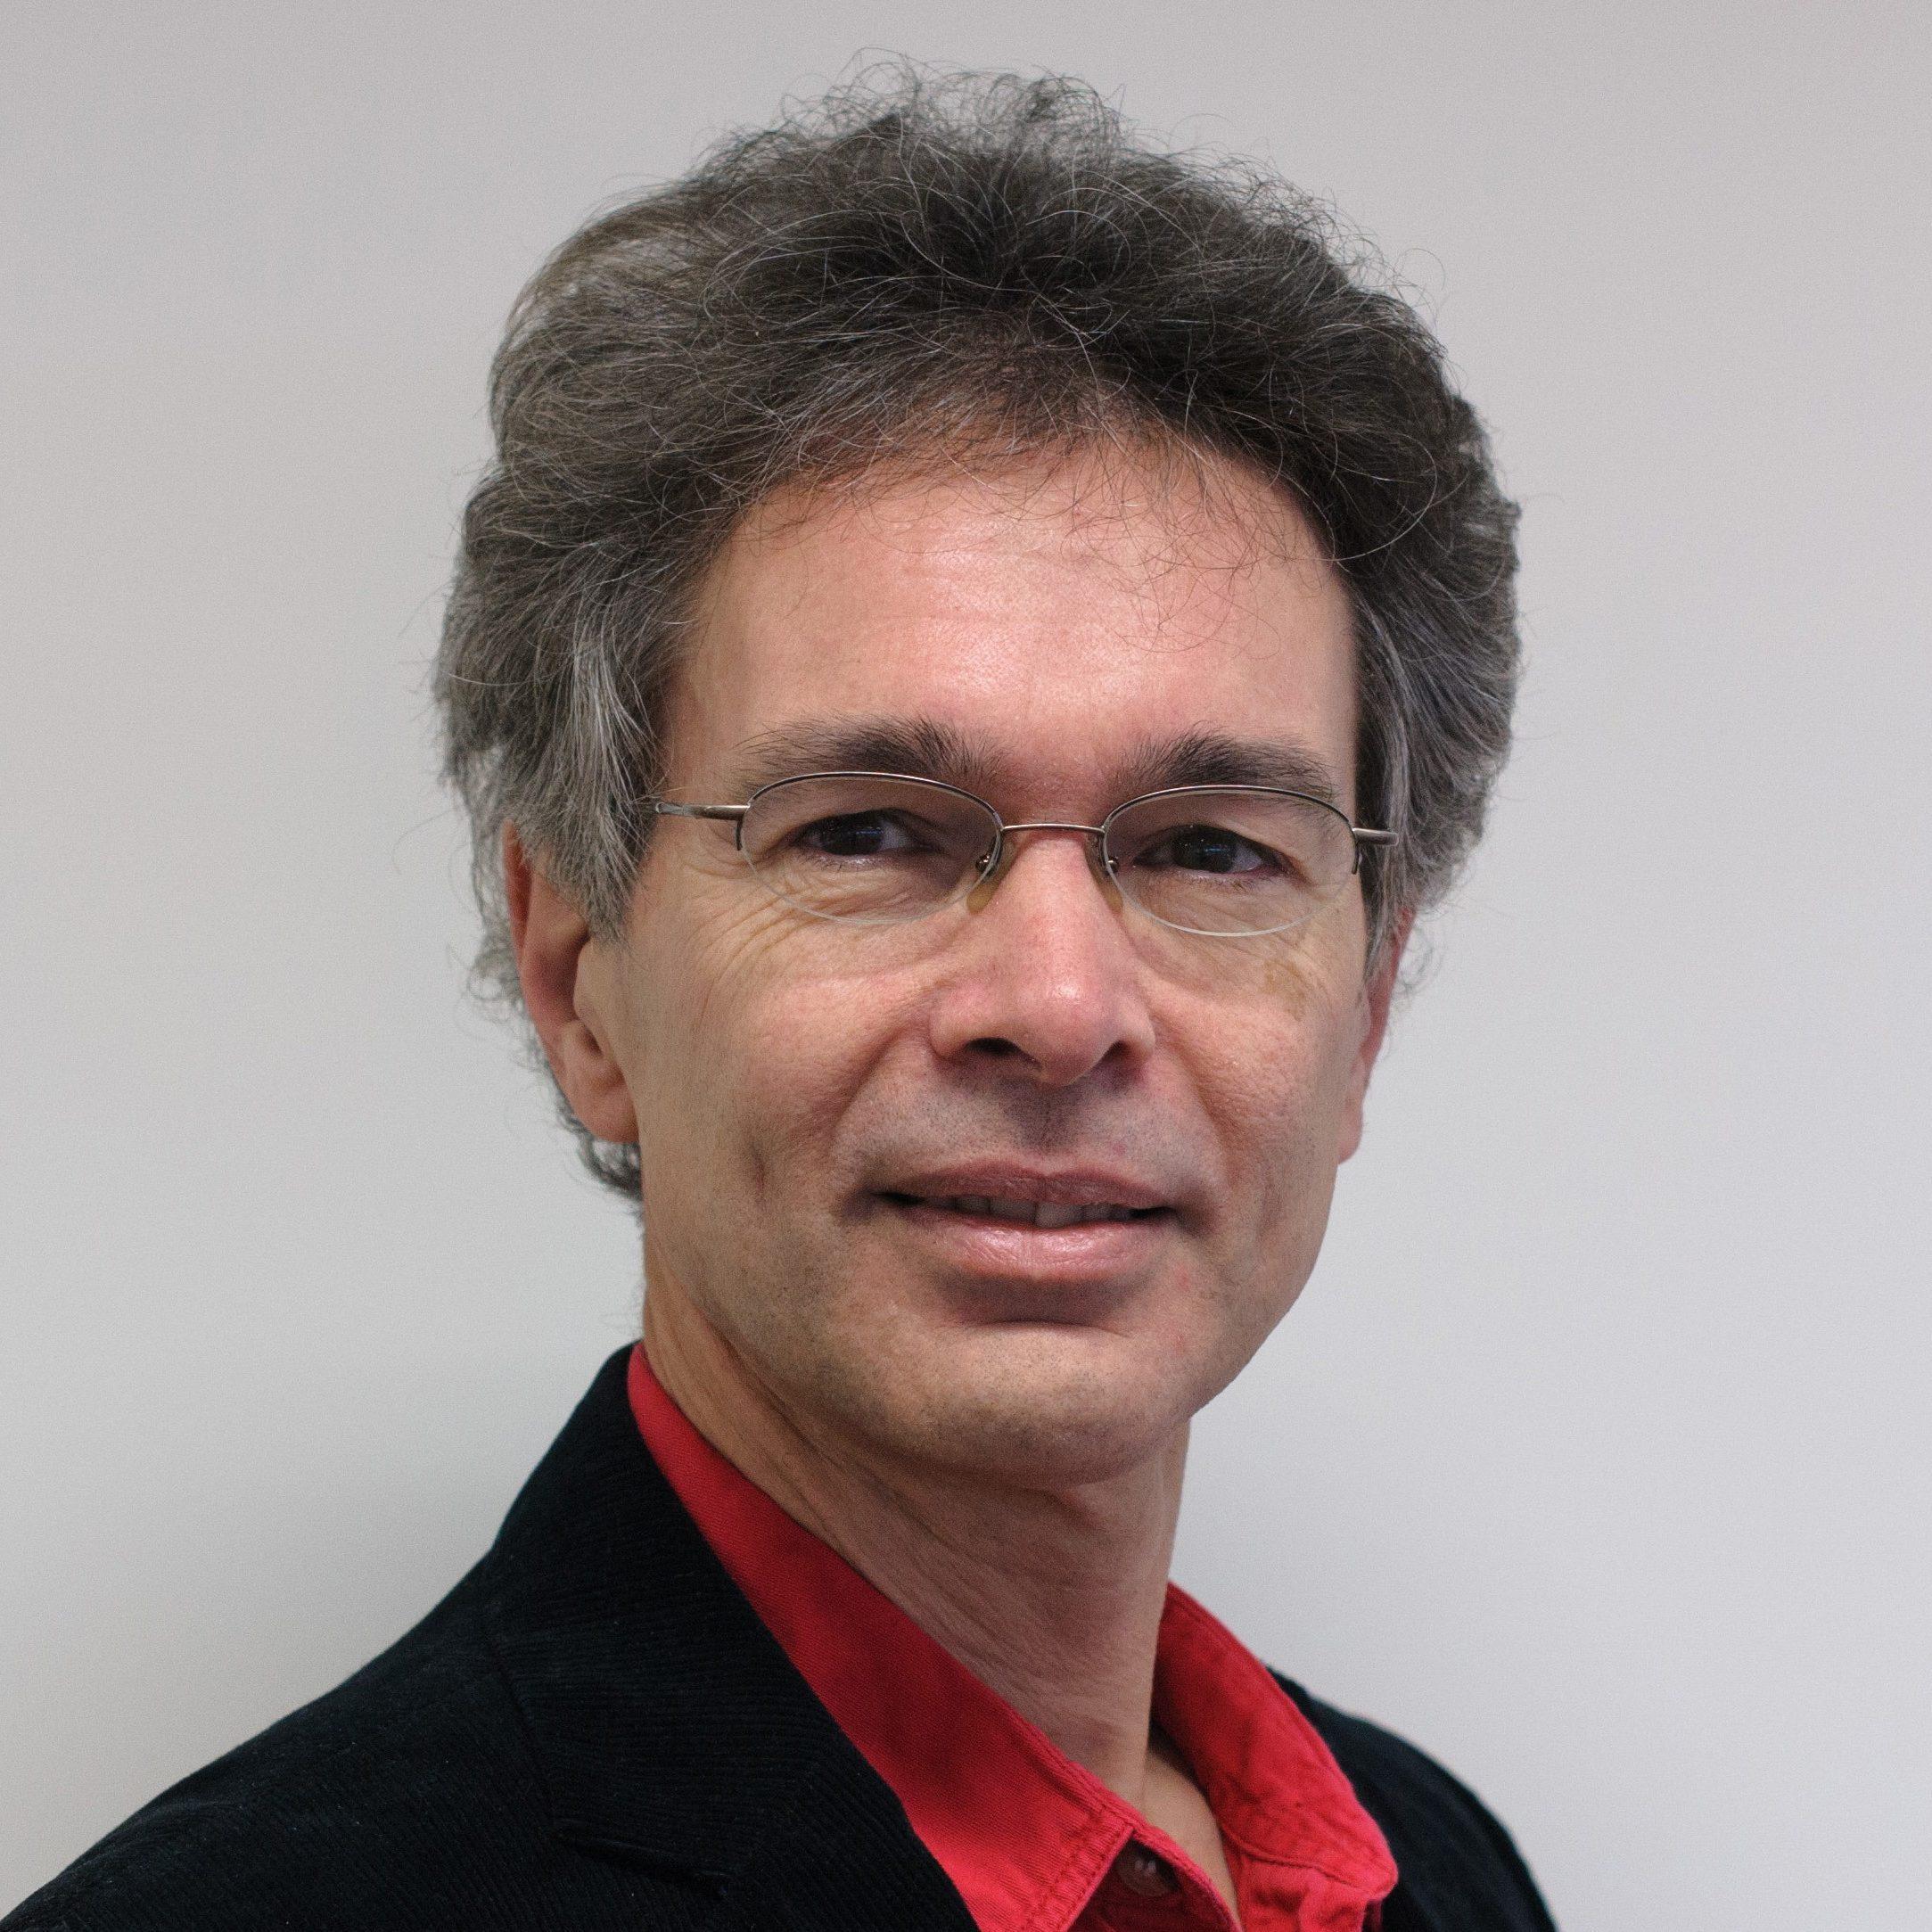 Chris Blok